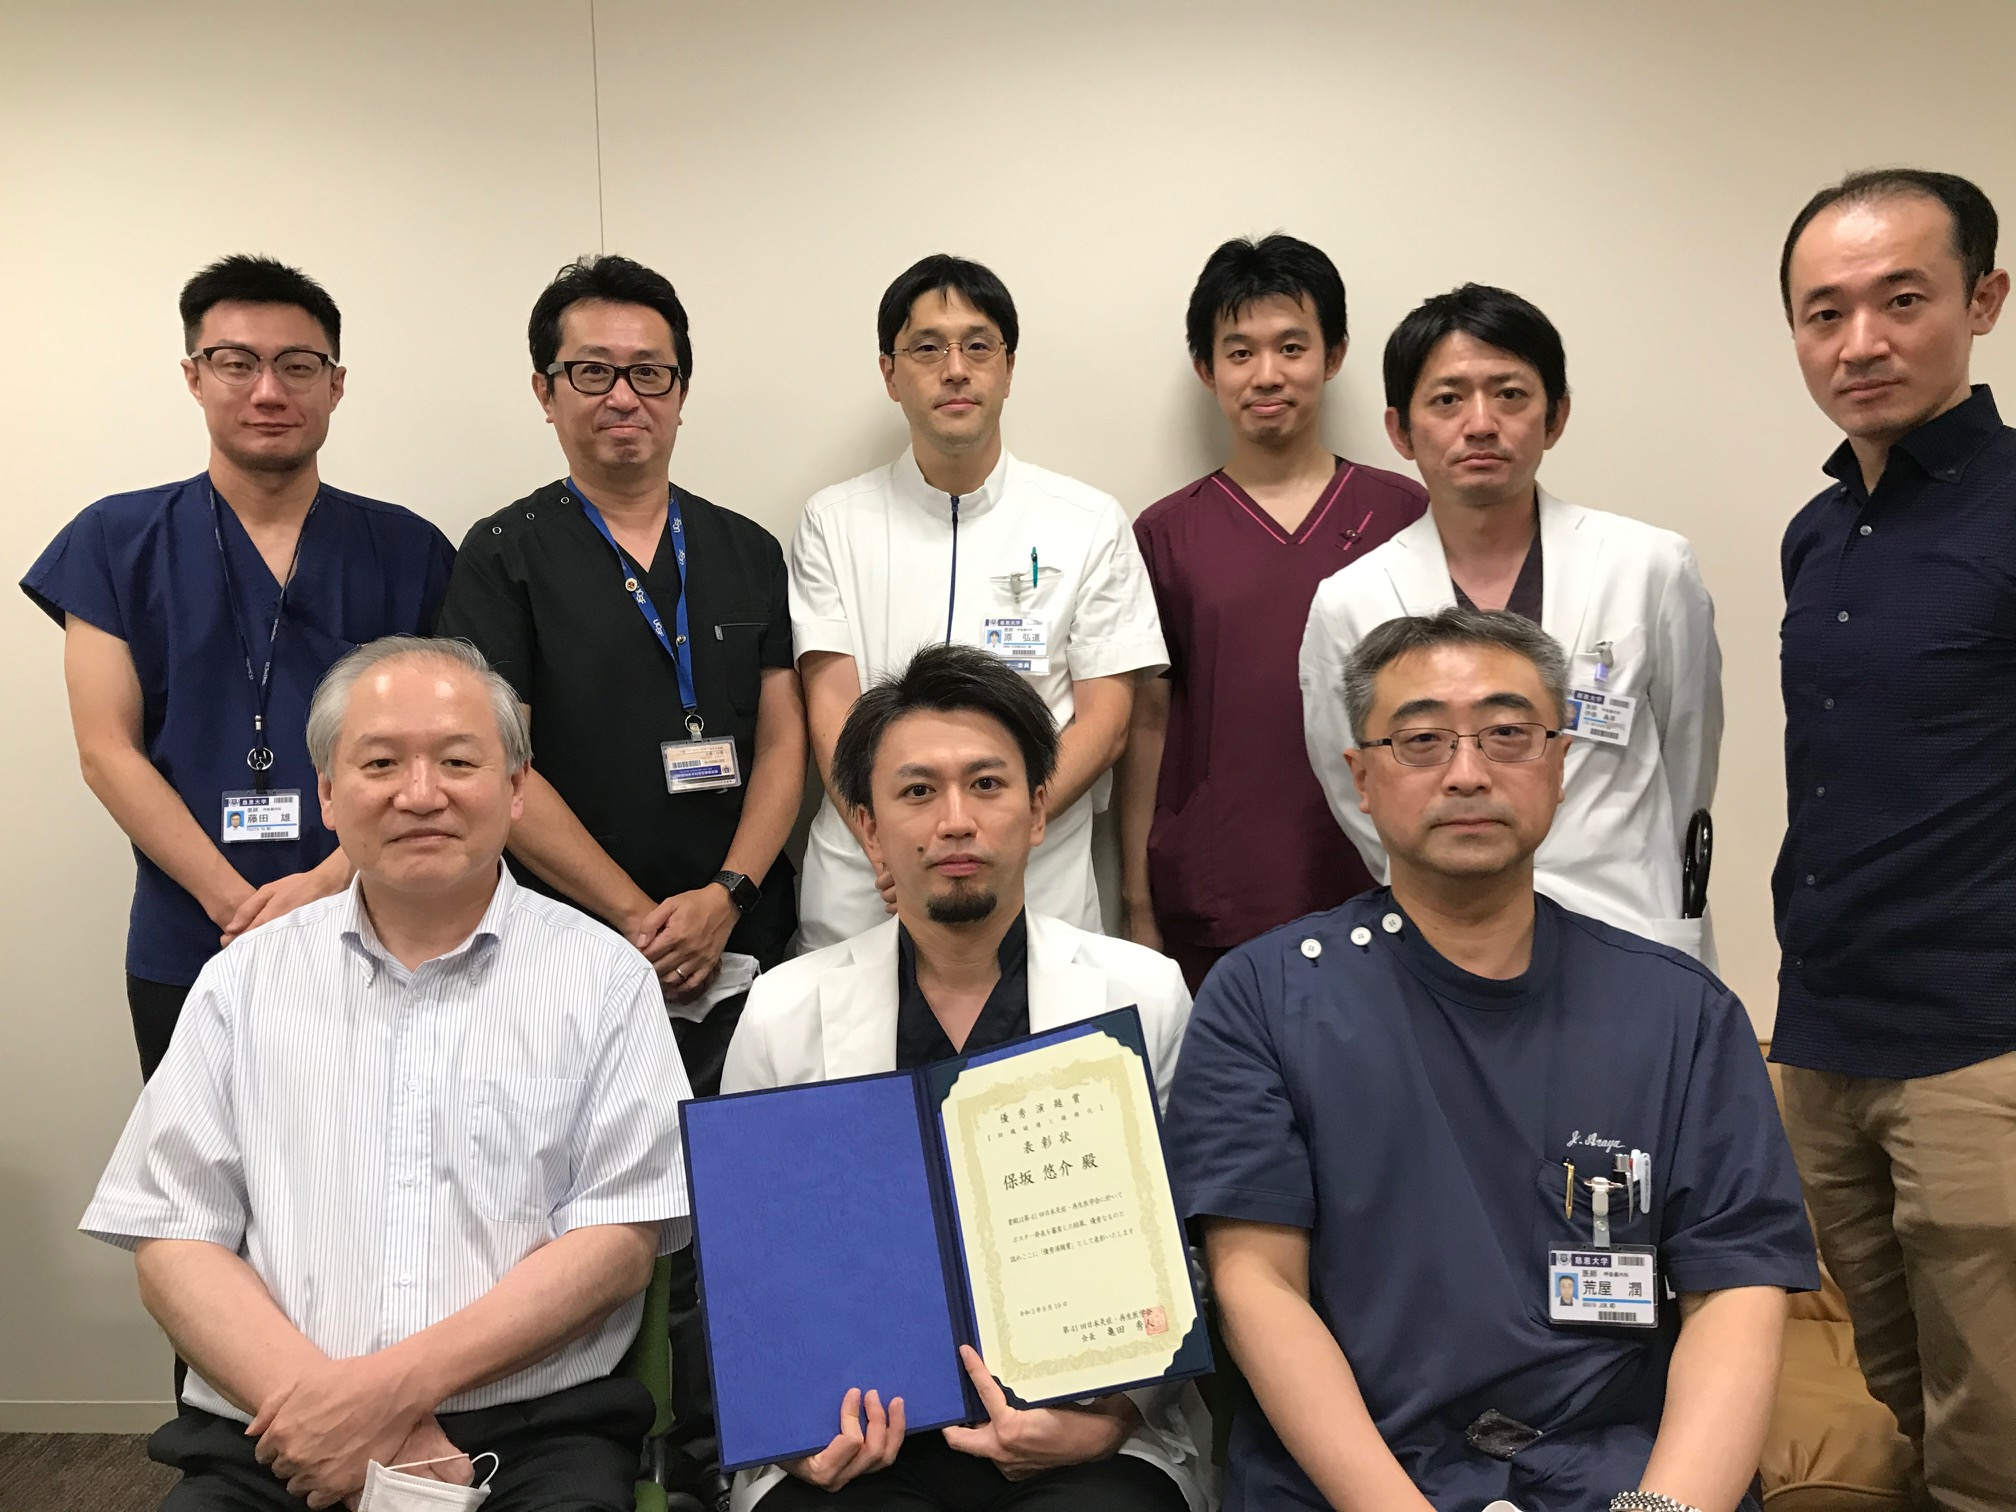 保坂先生が日本炎症再生医学会優秀演題賞を受賞しました!